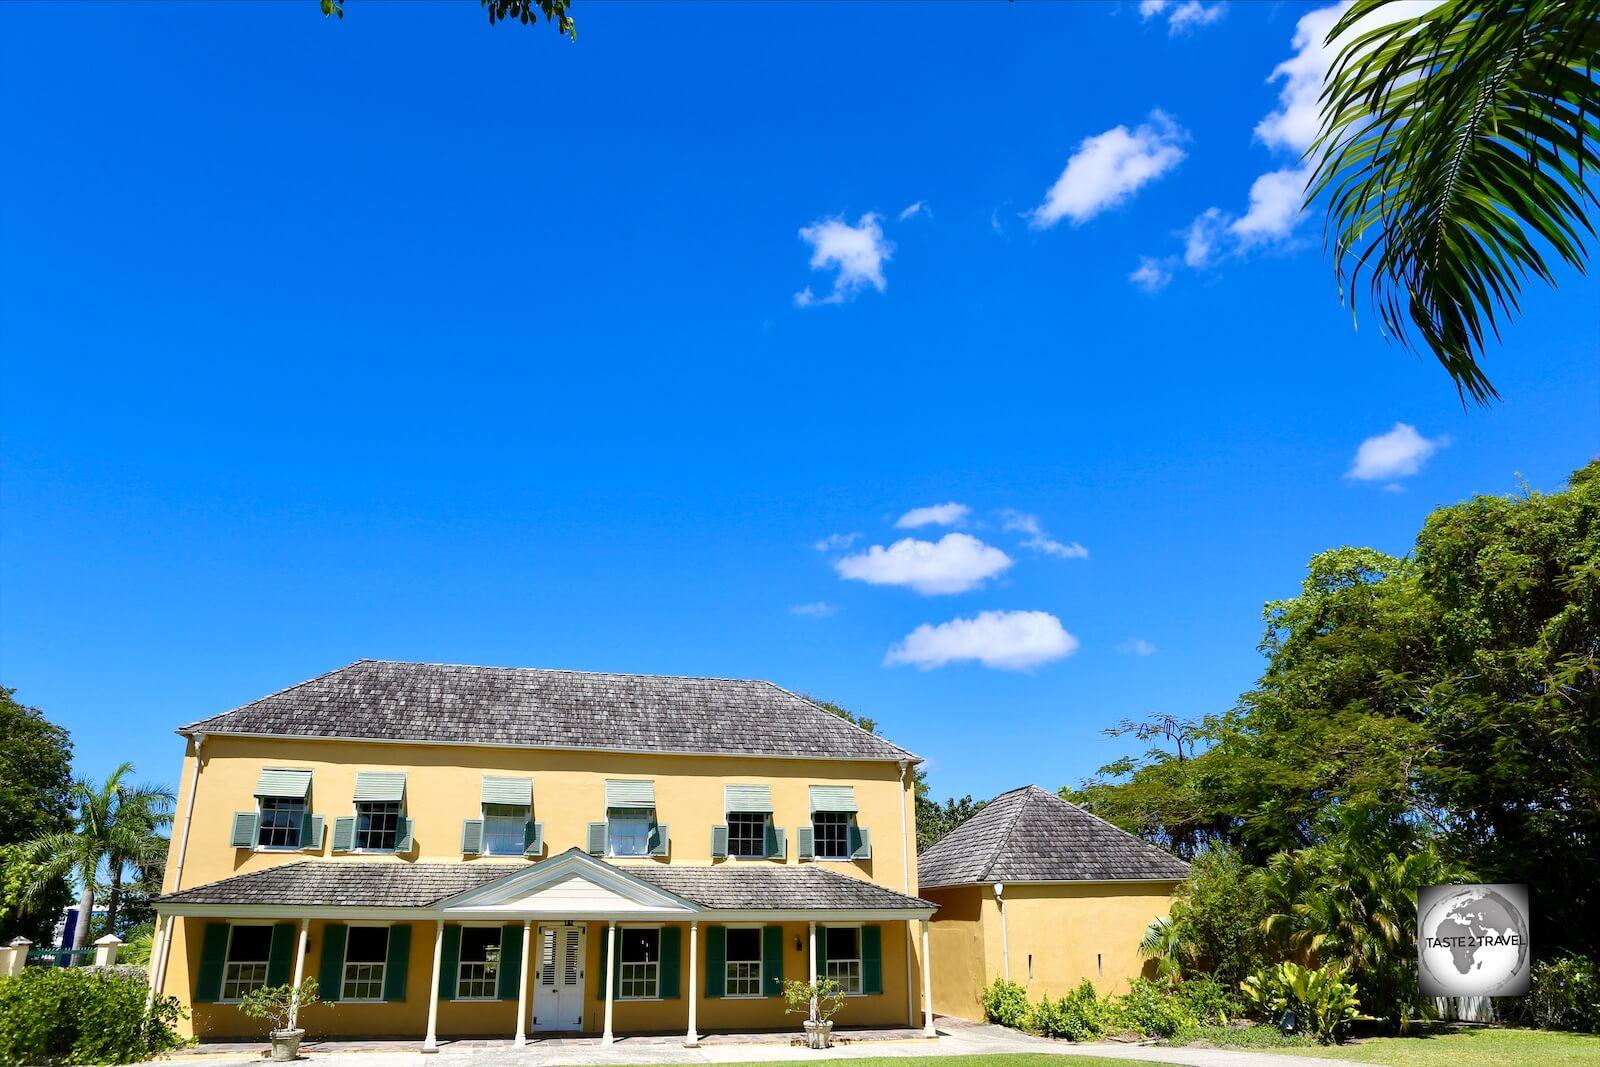 The George Washington House Museum, Barbados.